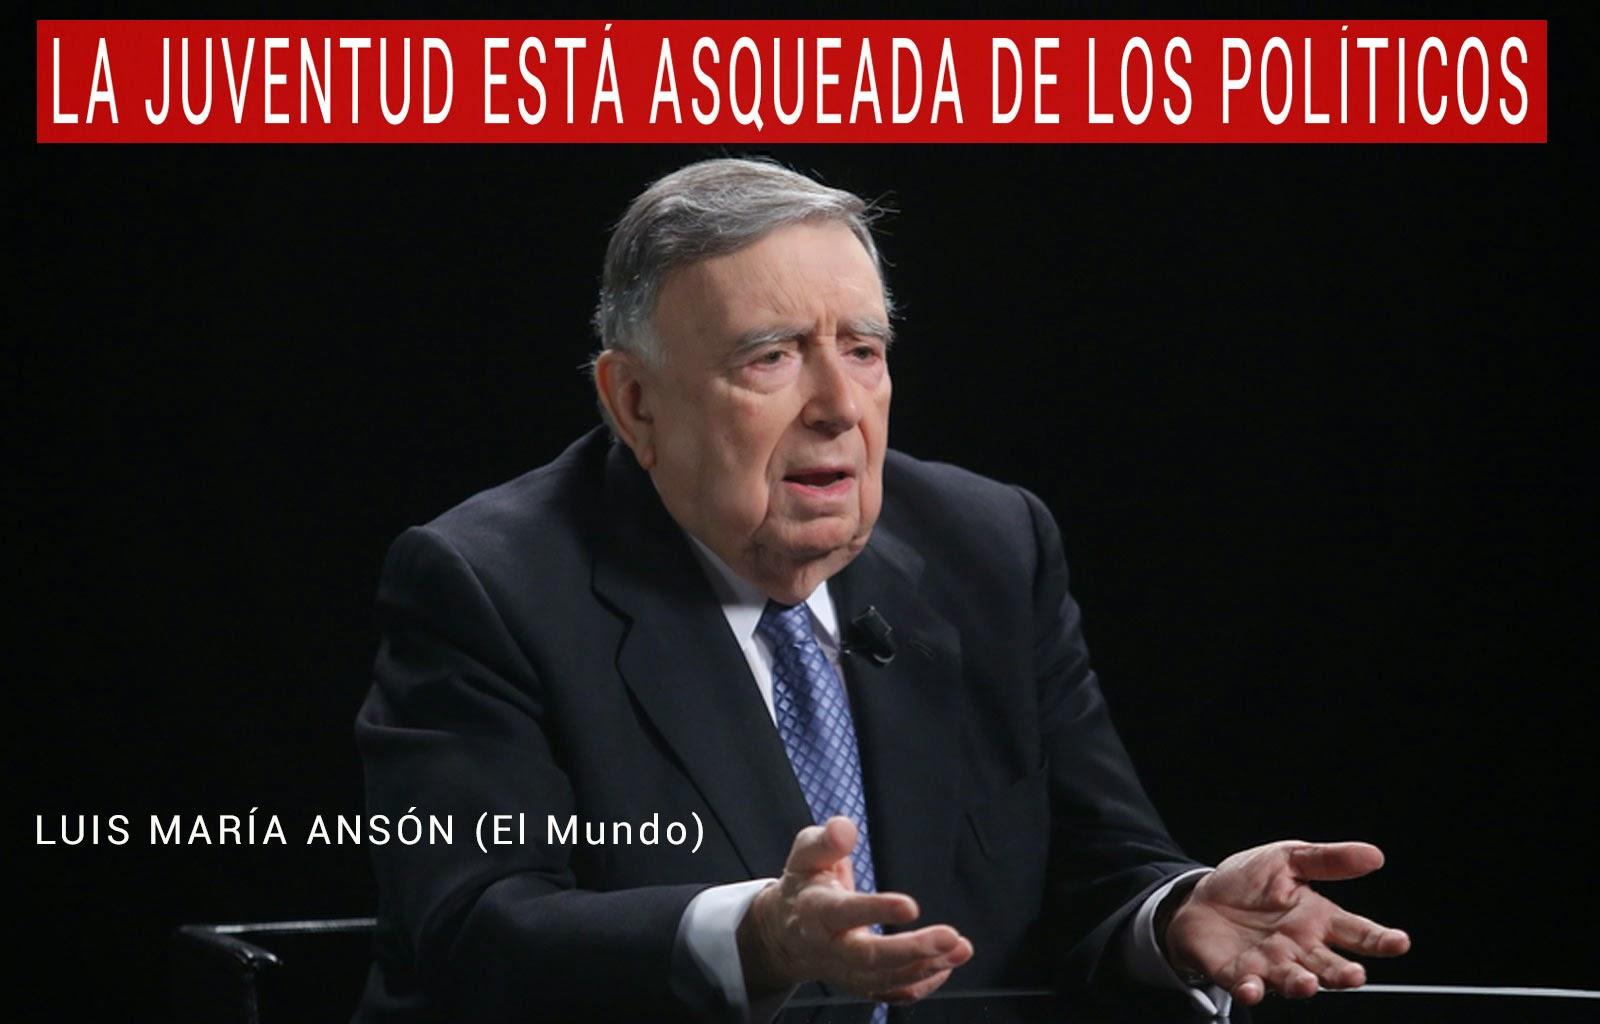 La juventud está asqueada de los politicos del pp, Luis María Ansón